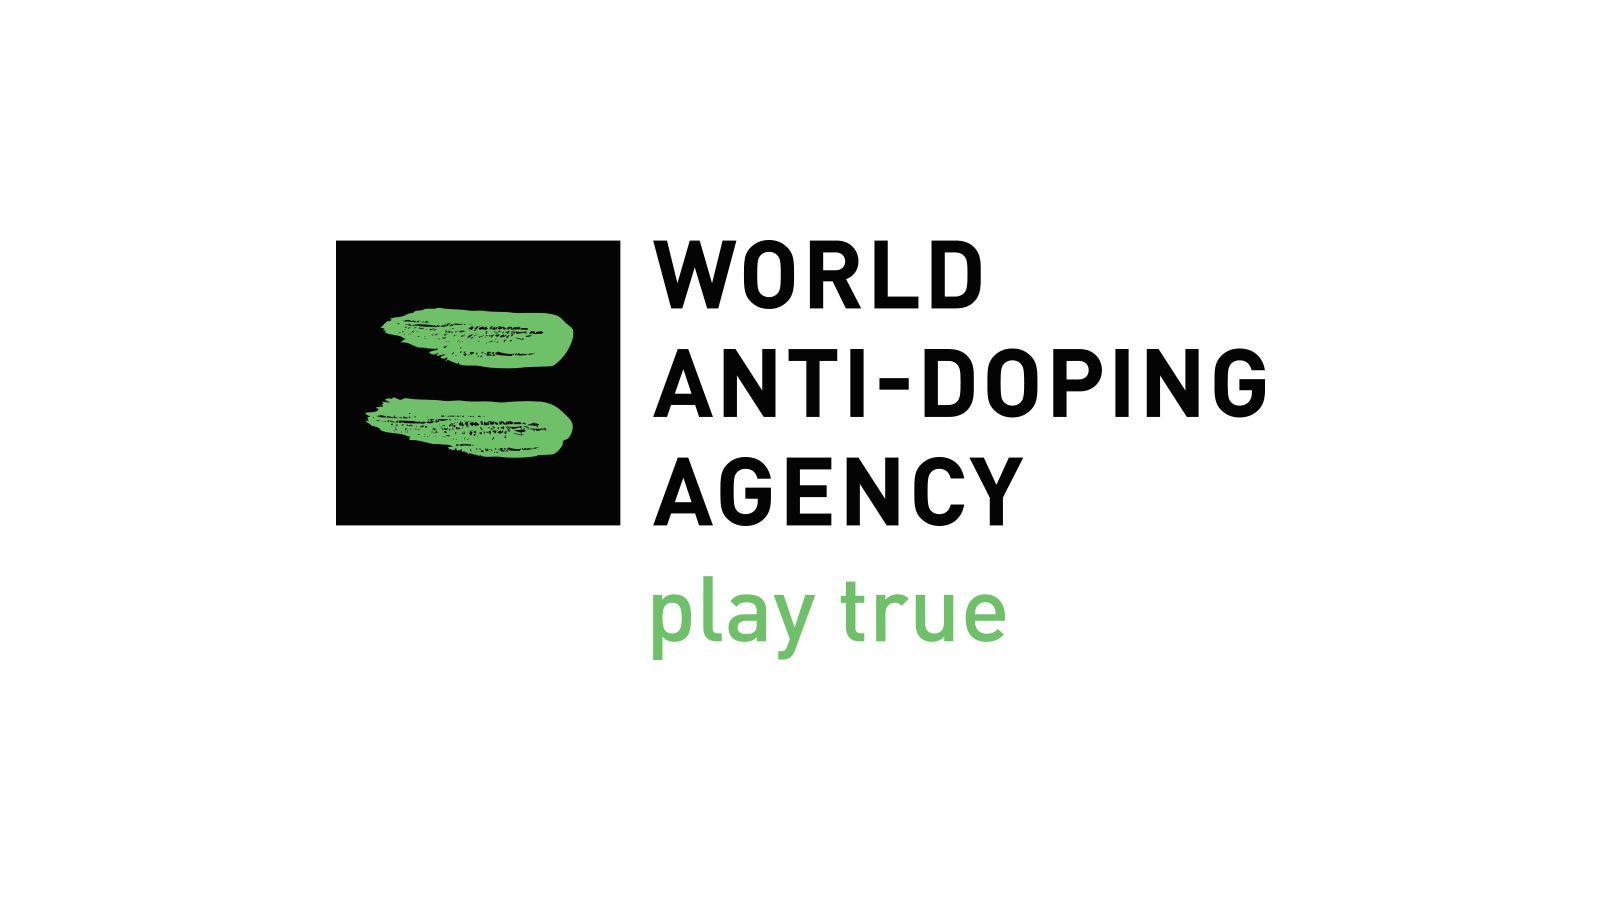 L'Agence Mondiale Antidopage a tranché : la Russie est exclue des Jeux Olympiques et Paralympiques pendant 4 ans